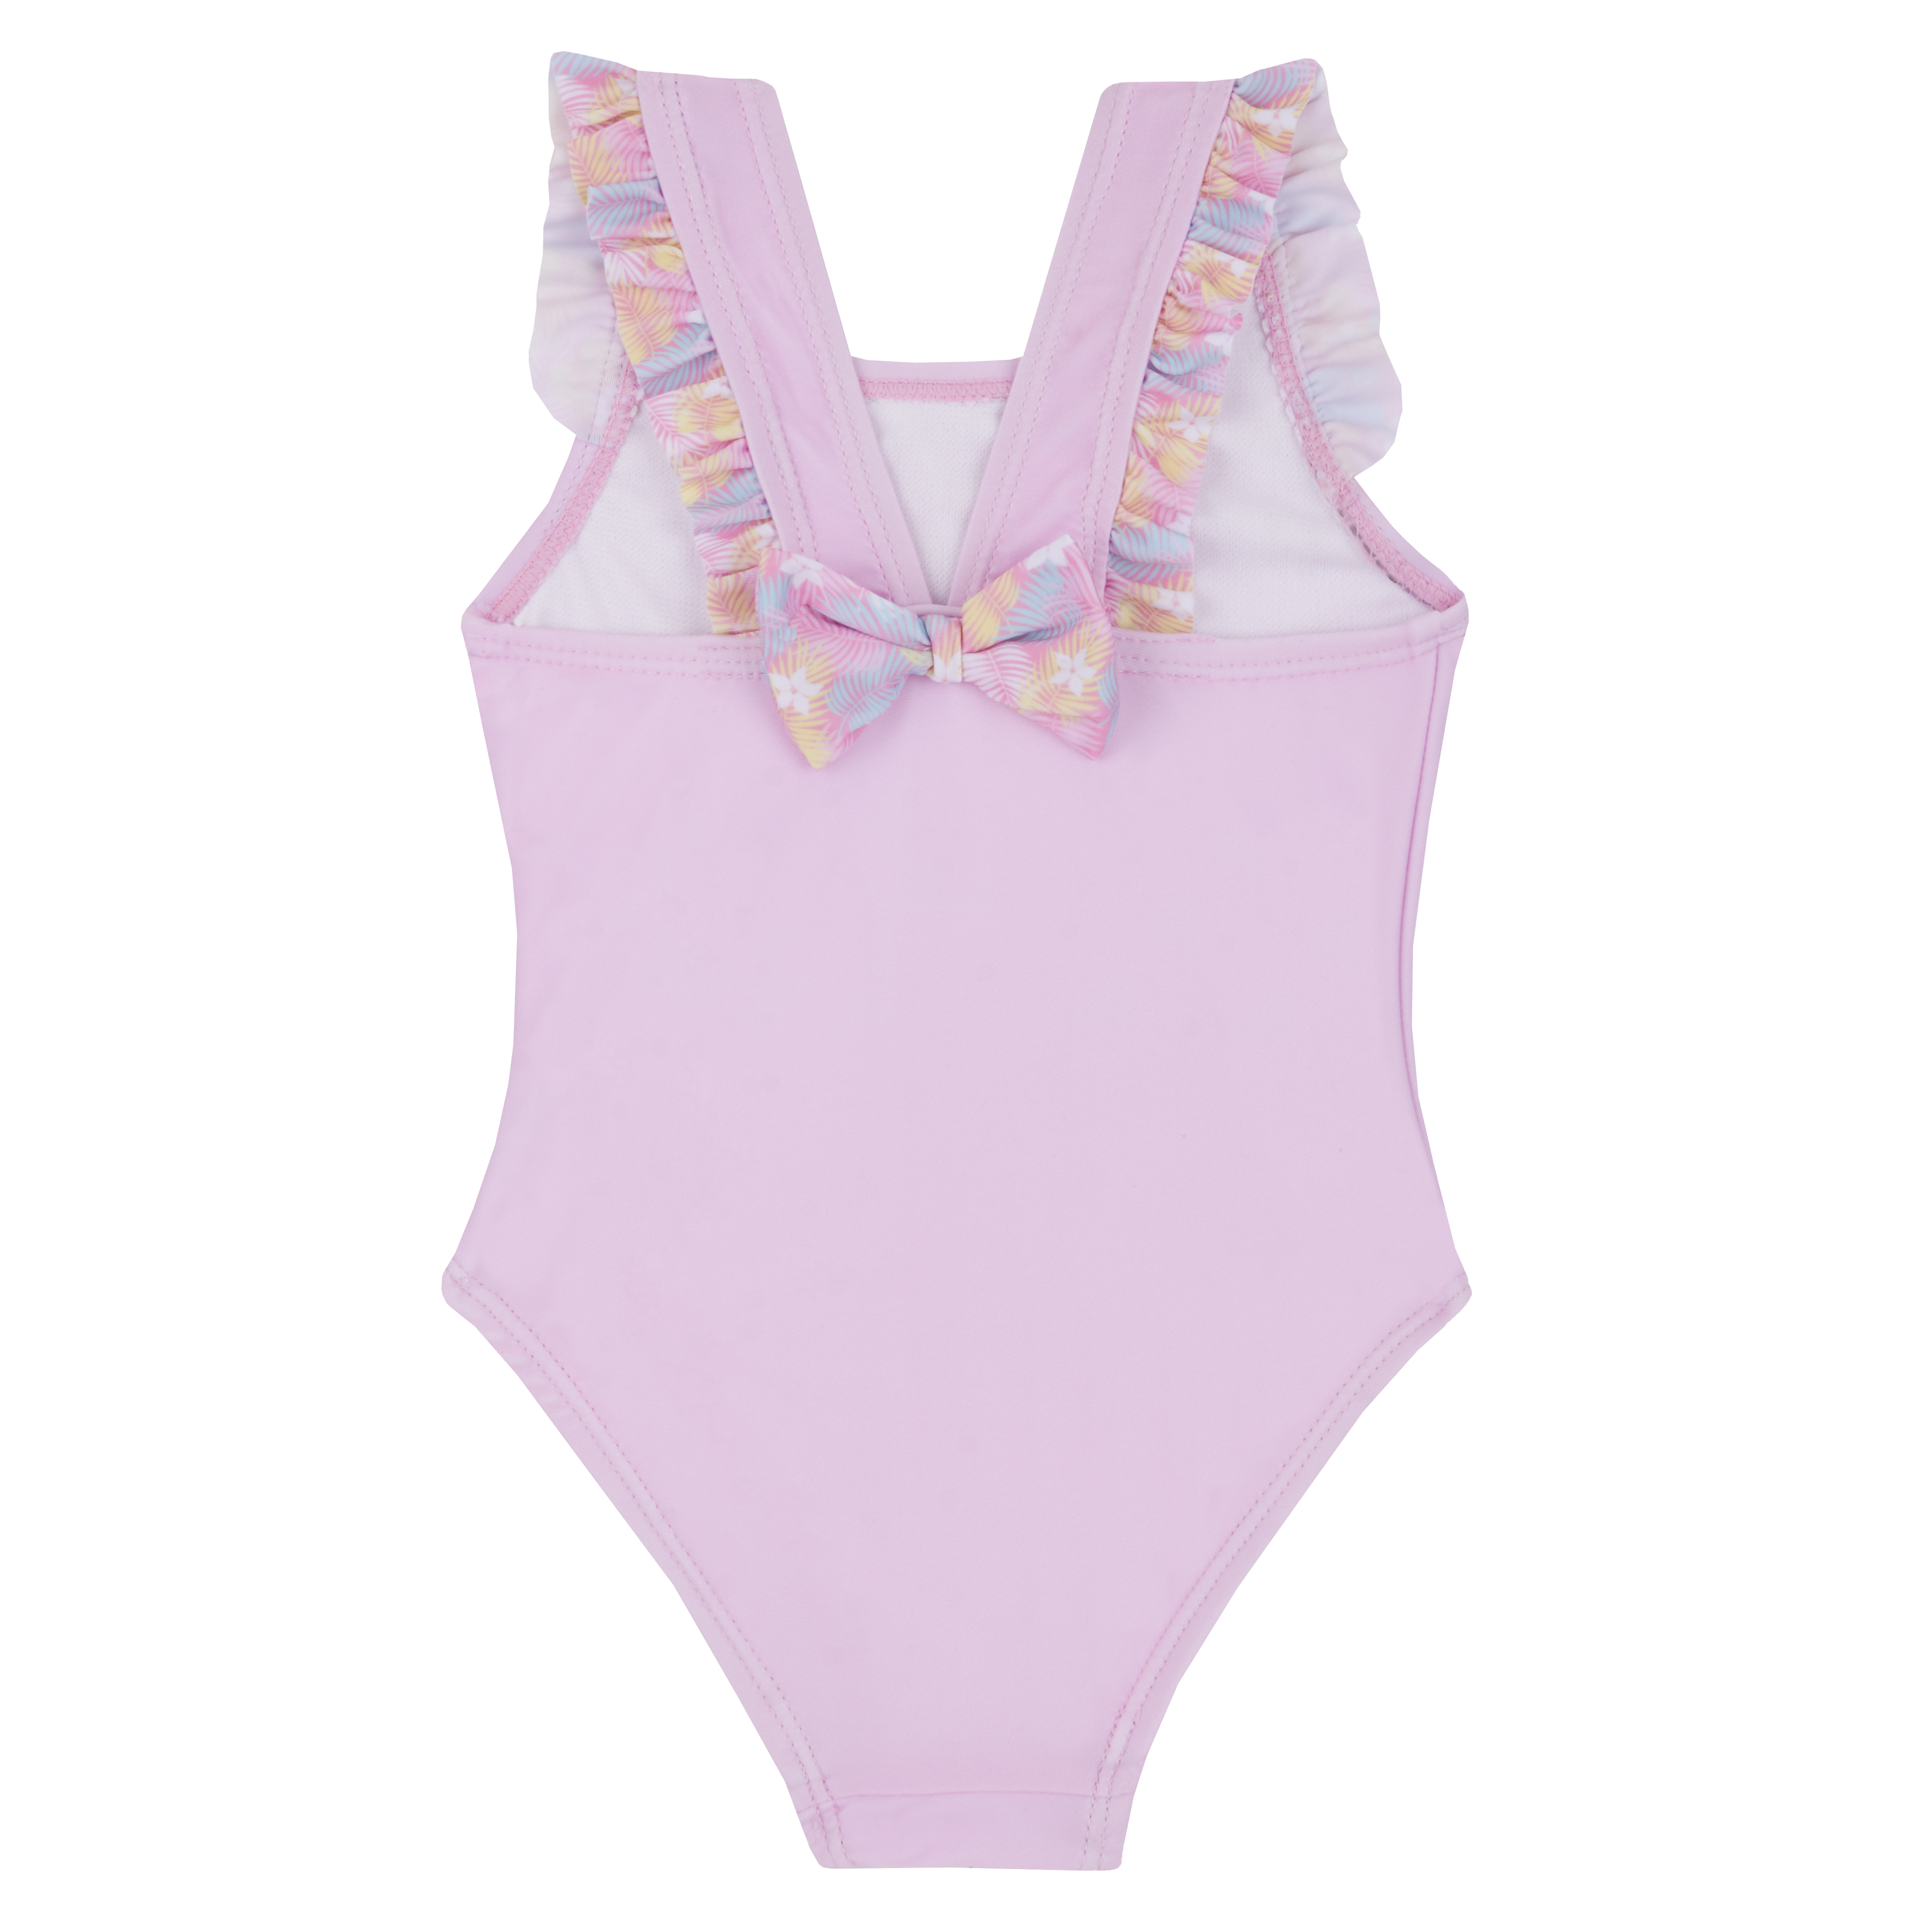 Baby /& Girls Spanish Style Lilac Unicorn Tutu Swimming Costume 3 Mths 6 Years